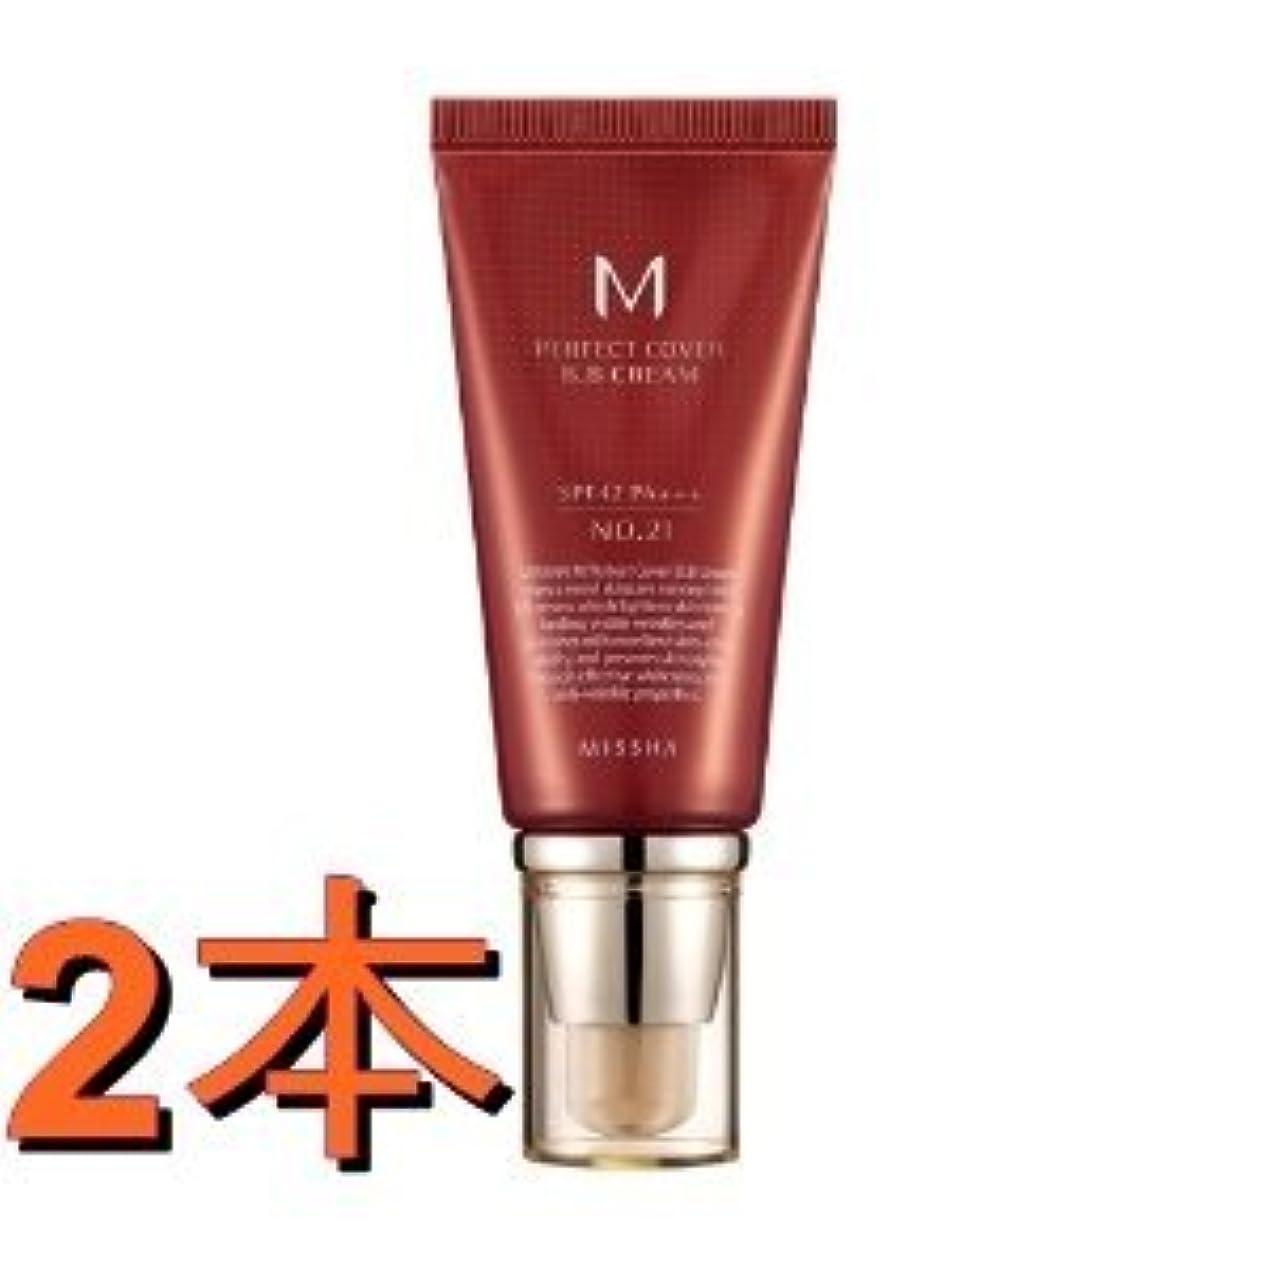 迫害動く繰り返しミシャ(MISSHA) M パーフェクトカバー BB クリーム 2本セット NO.23 (ナチュラルでおちつきのある肌色) SPF42 PA++ 50ml[並行輸入品]